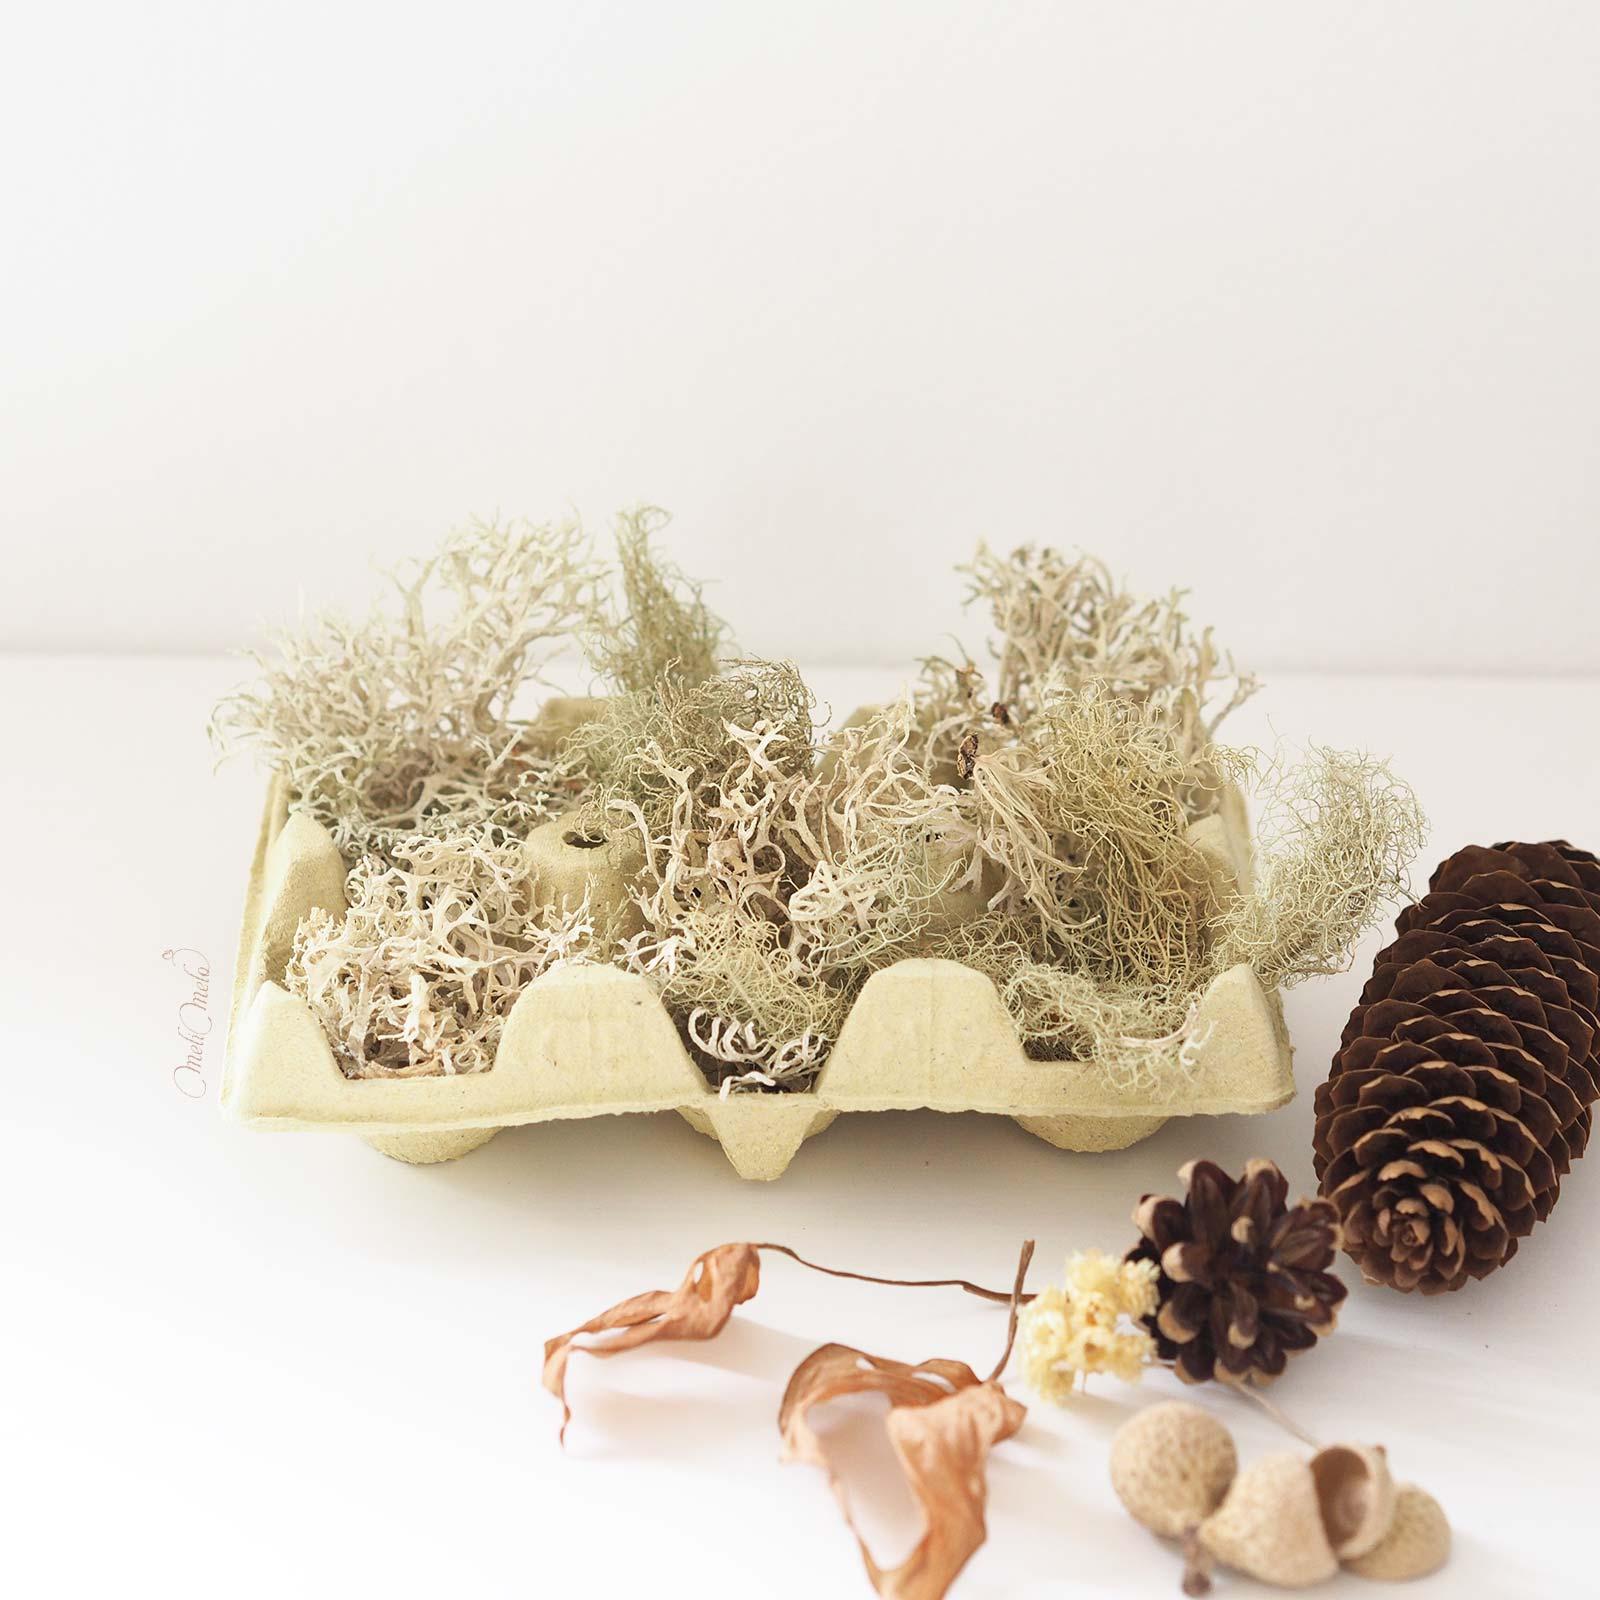 DIY-deco-automne-lichen-cone-sapin-boite-oeuf-laboutiquedemelimelo